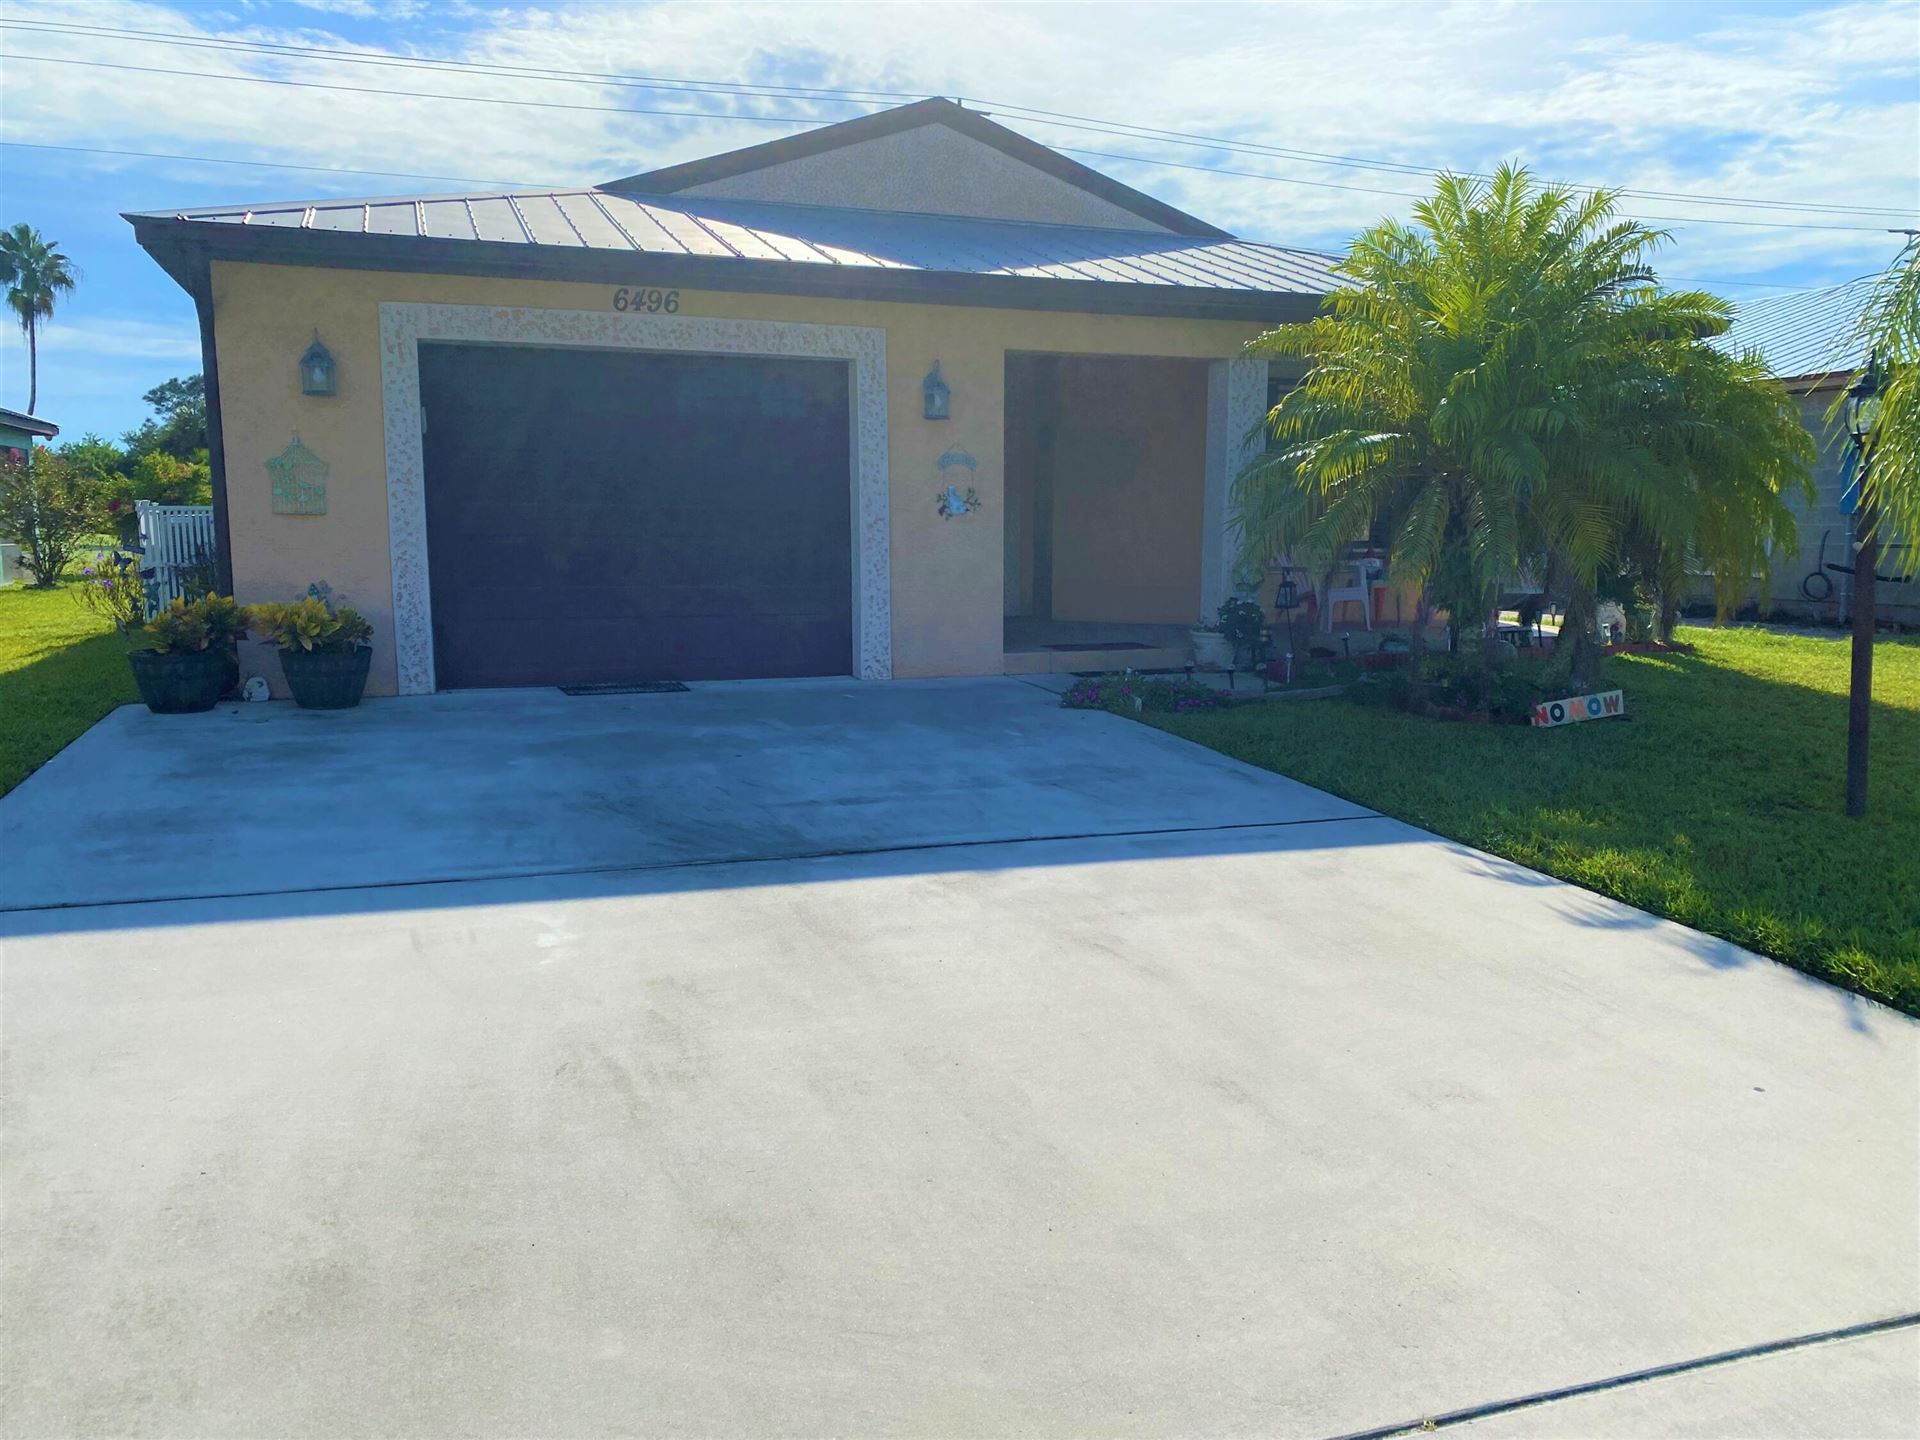 Photo of 6496 Alemendra Street, Fort Pierce, FL 34951 (MLS # RX-10746670)